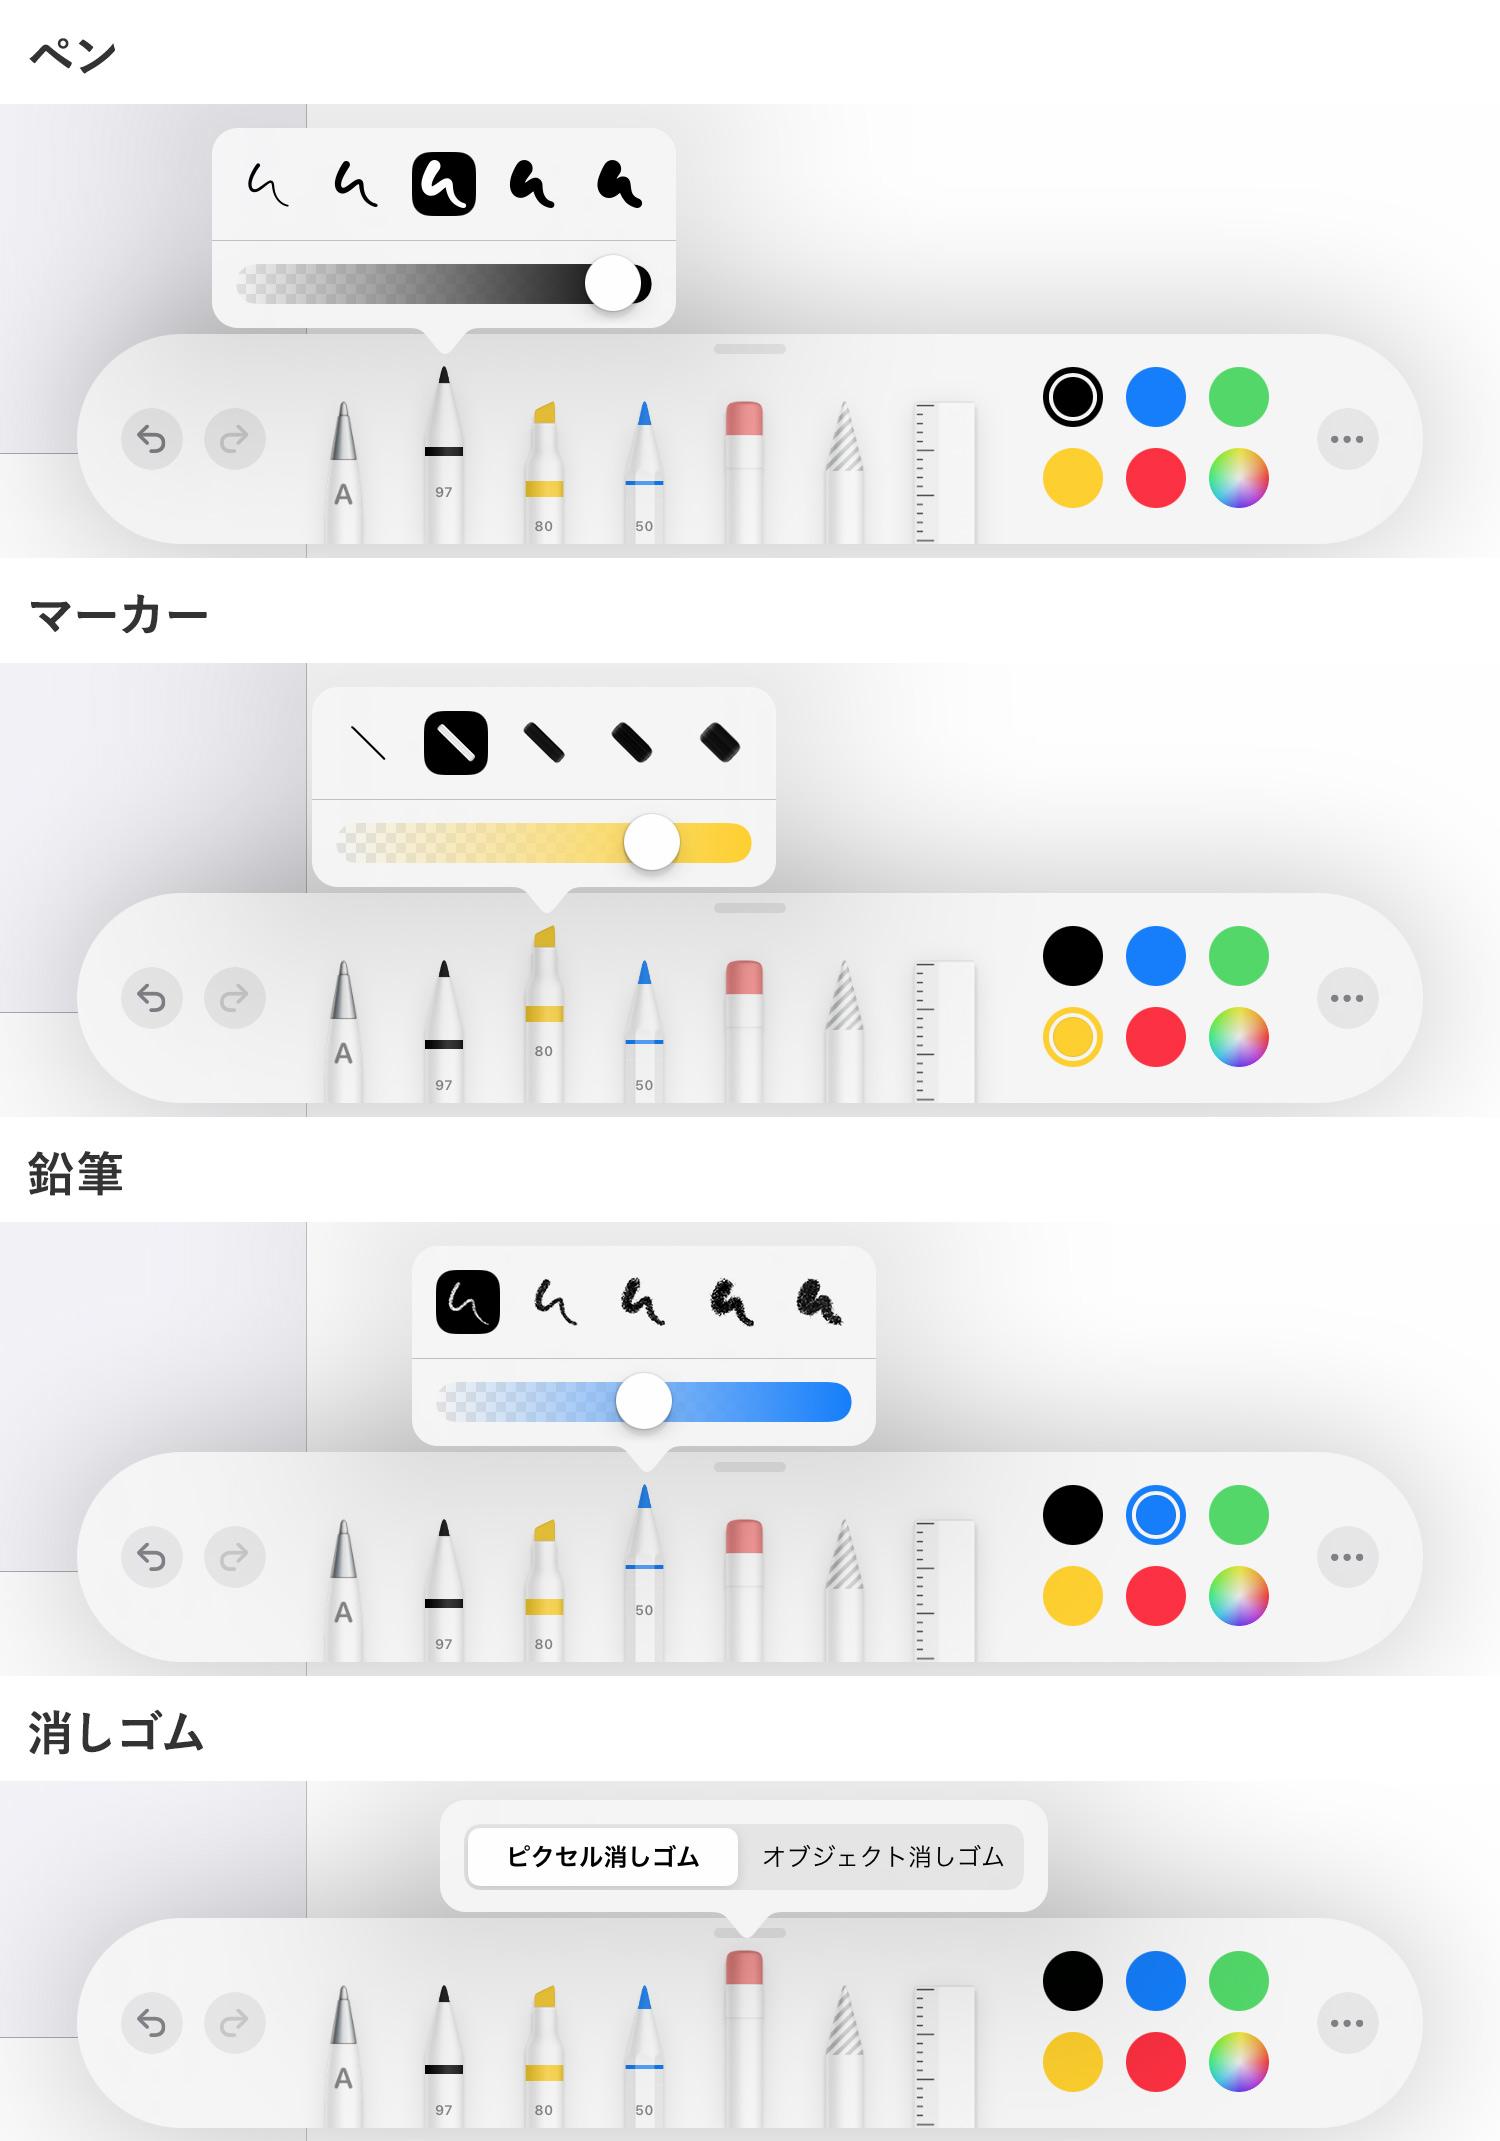 iPad純正メモアプリ:Apple Pencilで手書きでメモを書く - マークアップツールバーのペンの種類